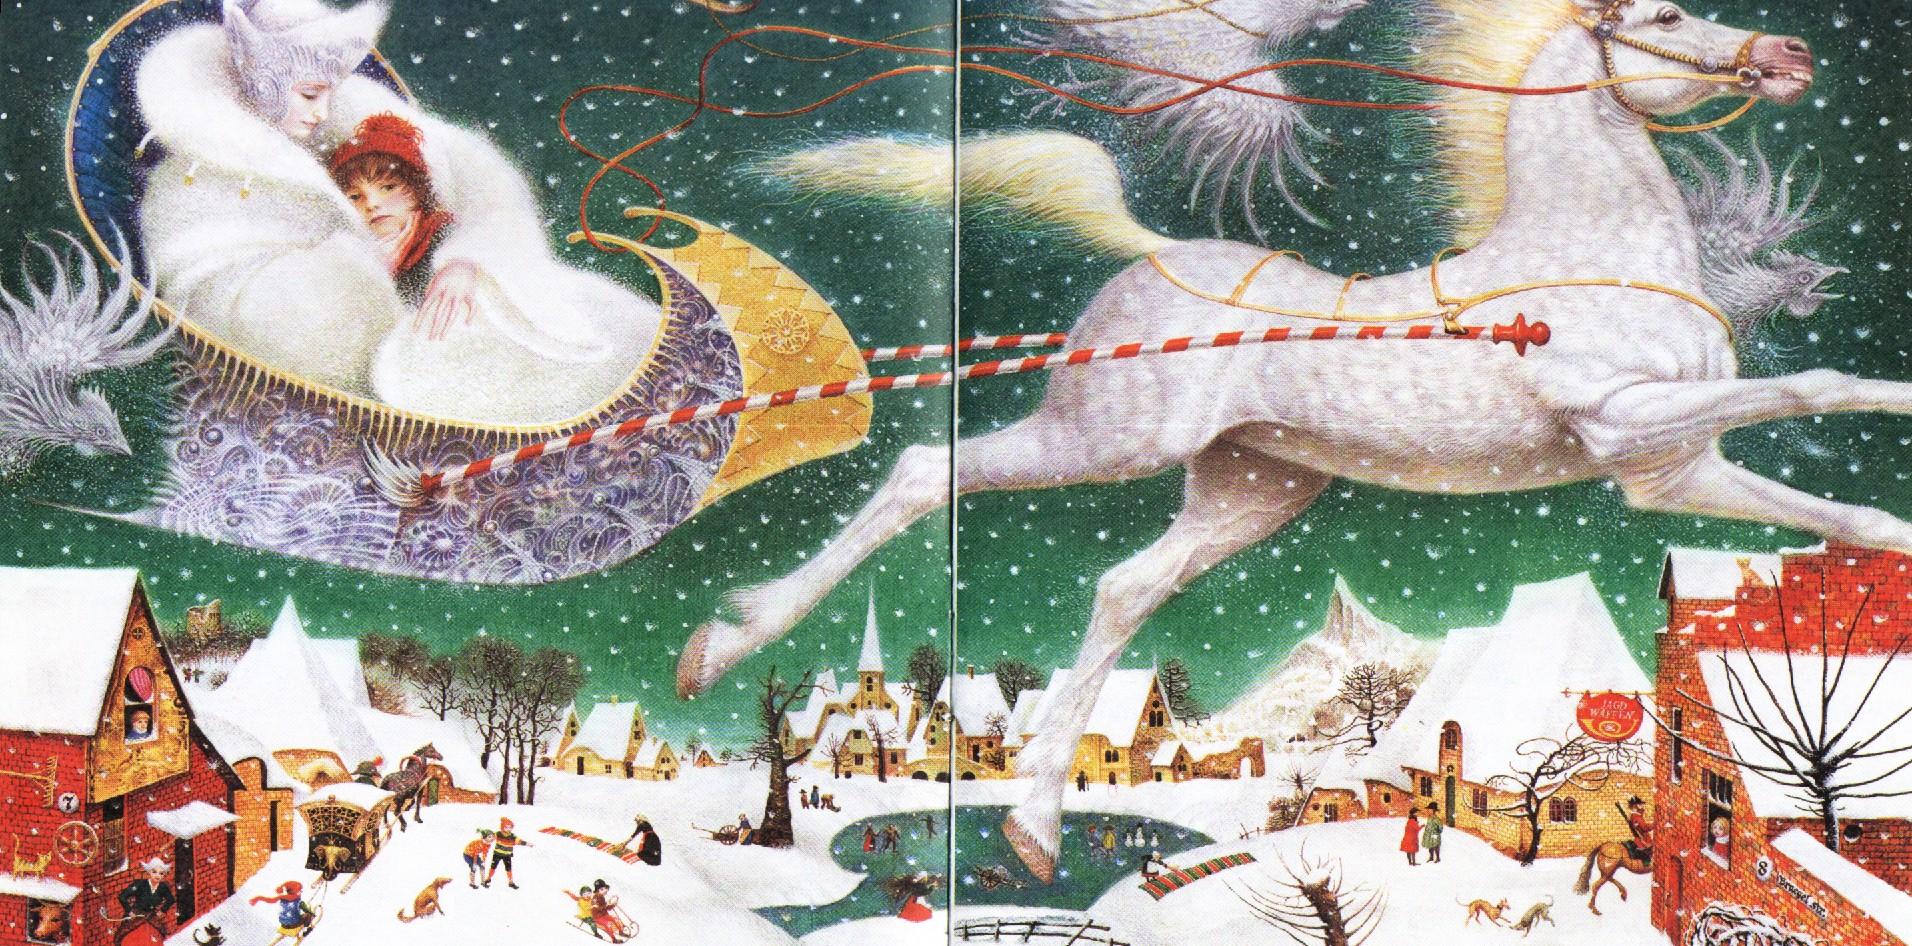 Книга снежная королева с картинками скачать